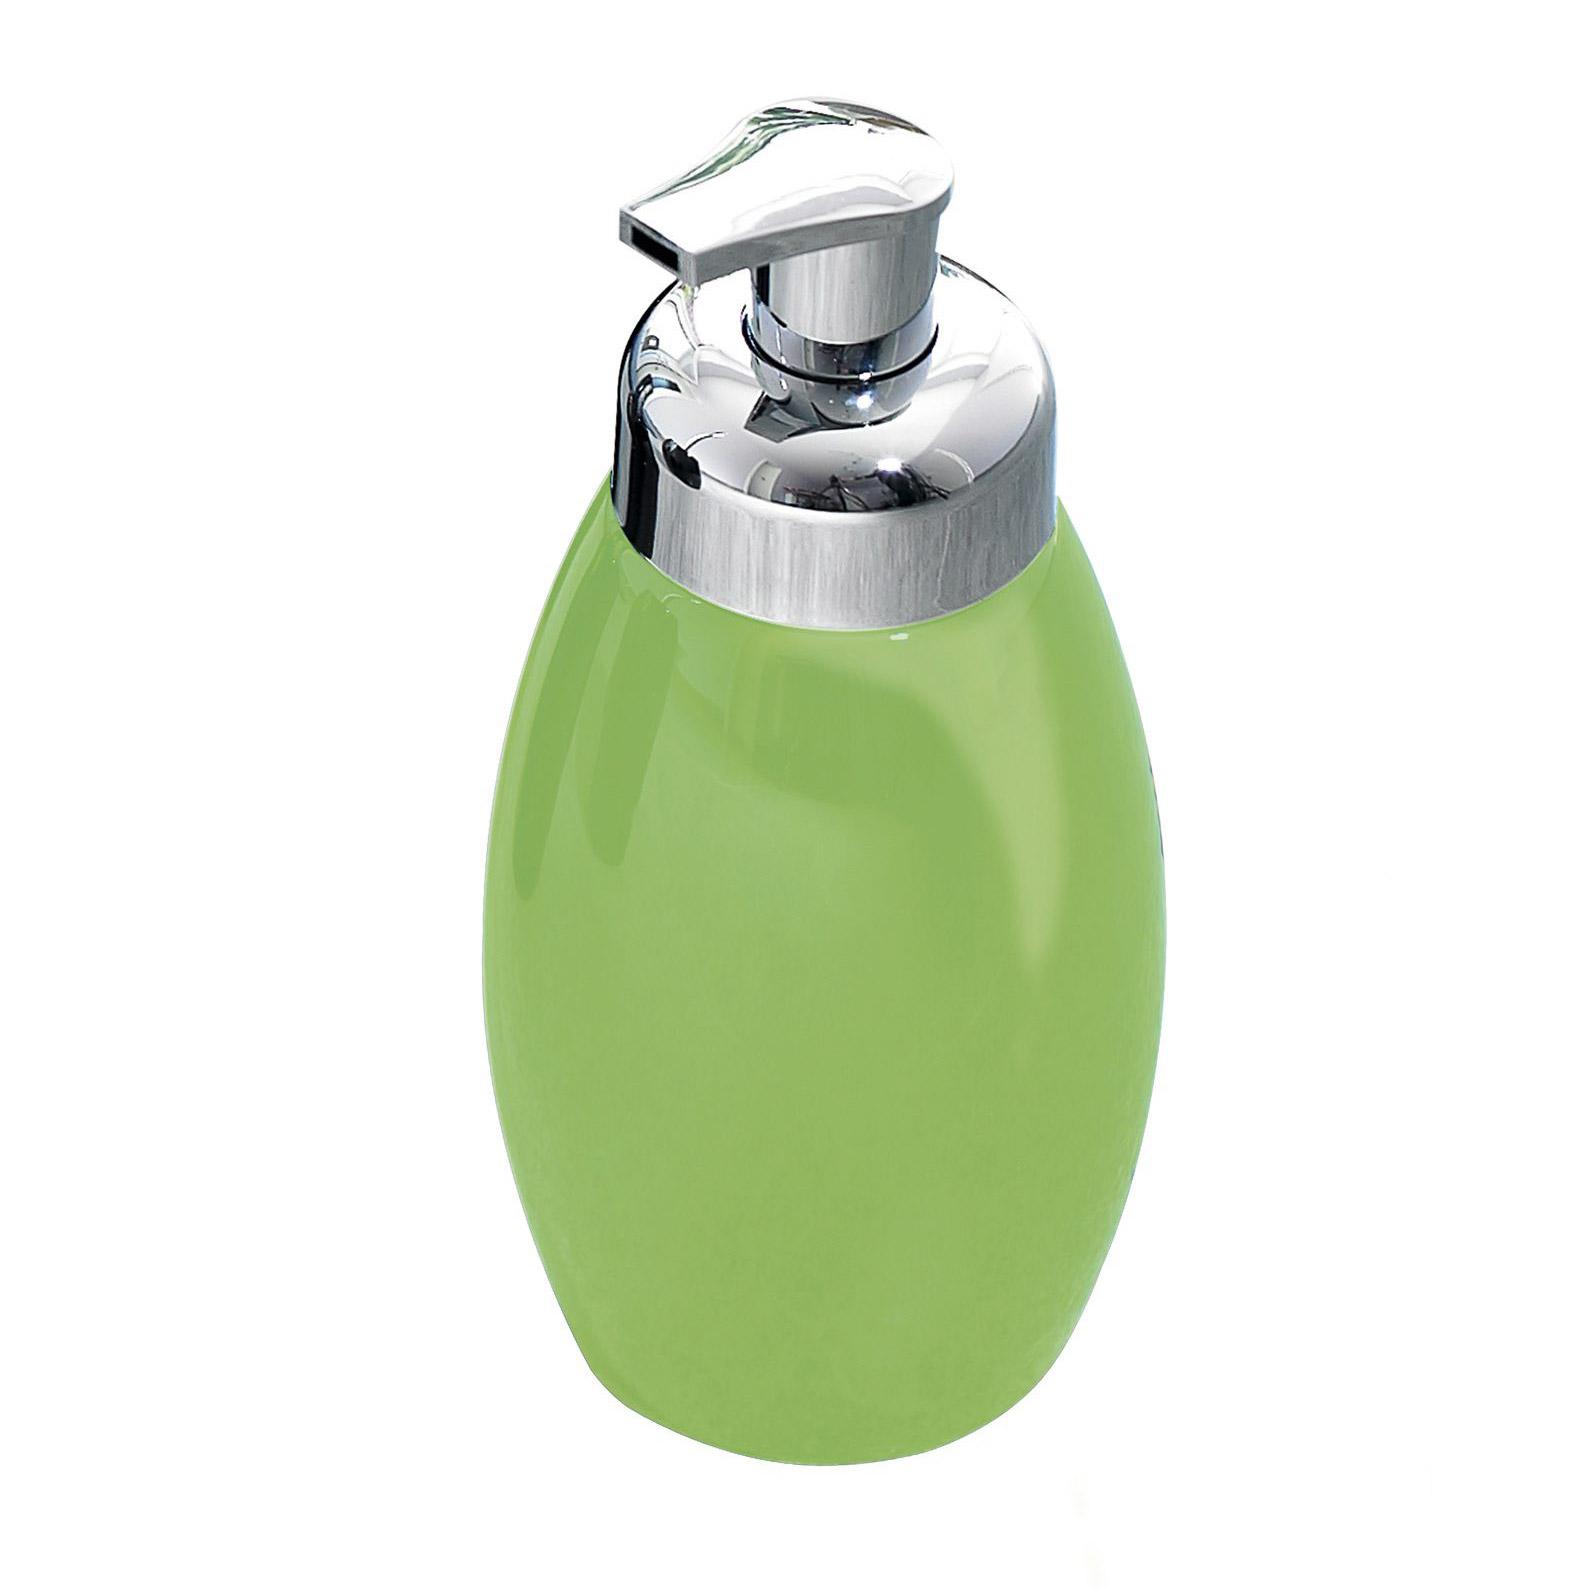 Дозатор для жидкого мыла Ridder Shiny 0,5 л дозатор для жидкого мыла le bain gris